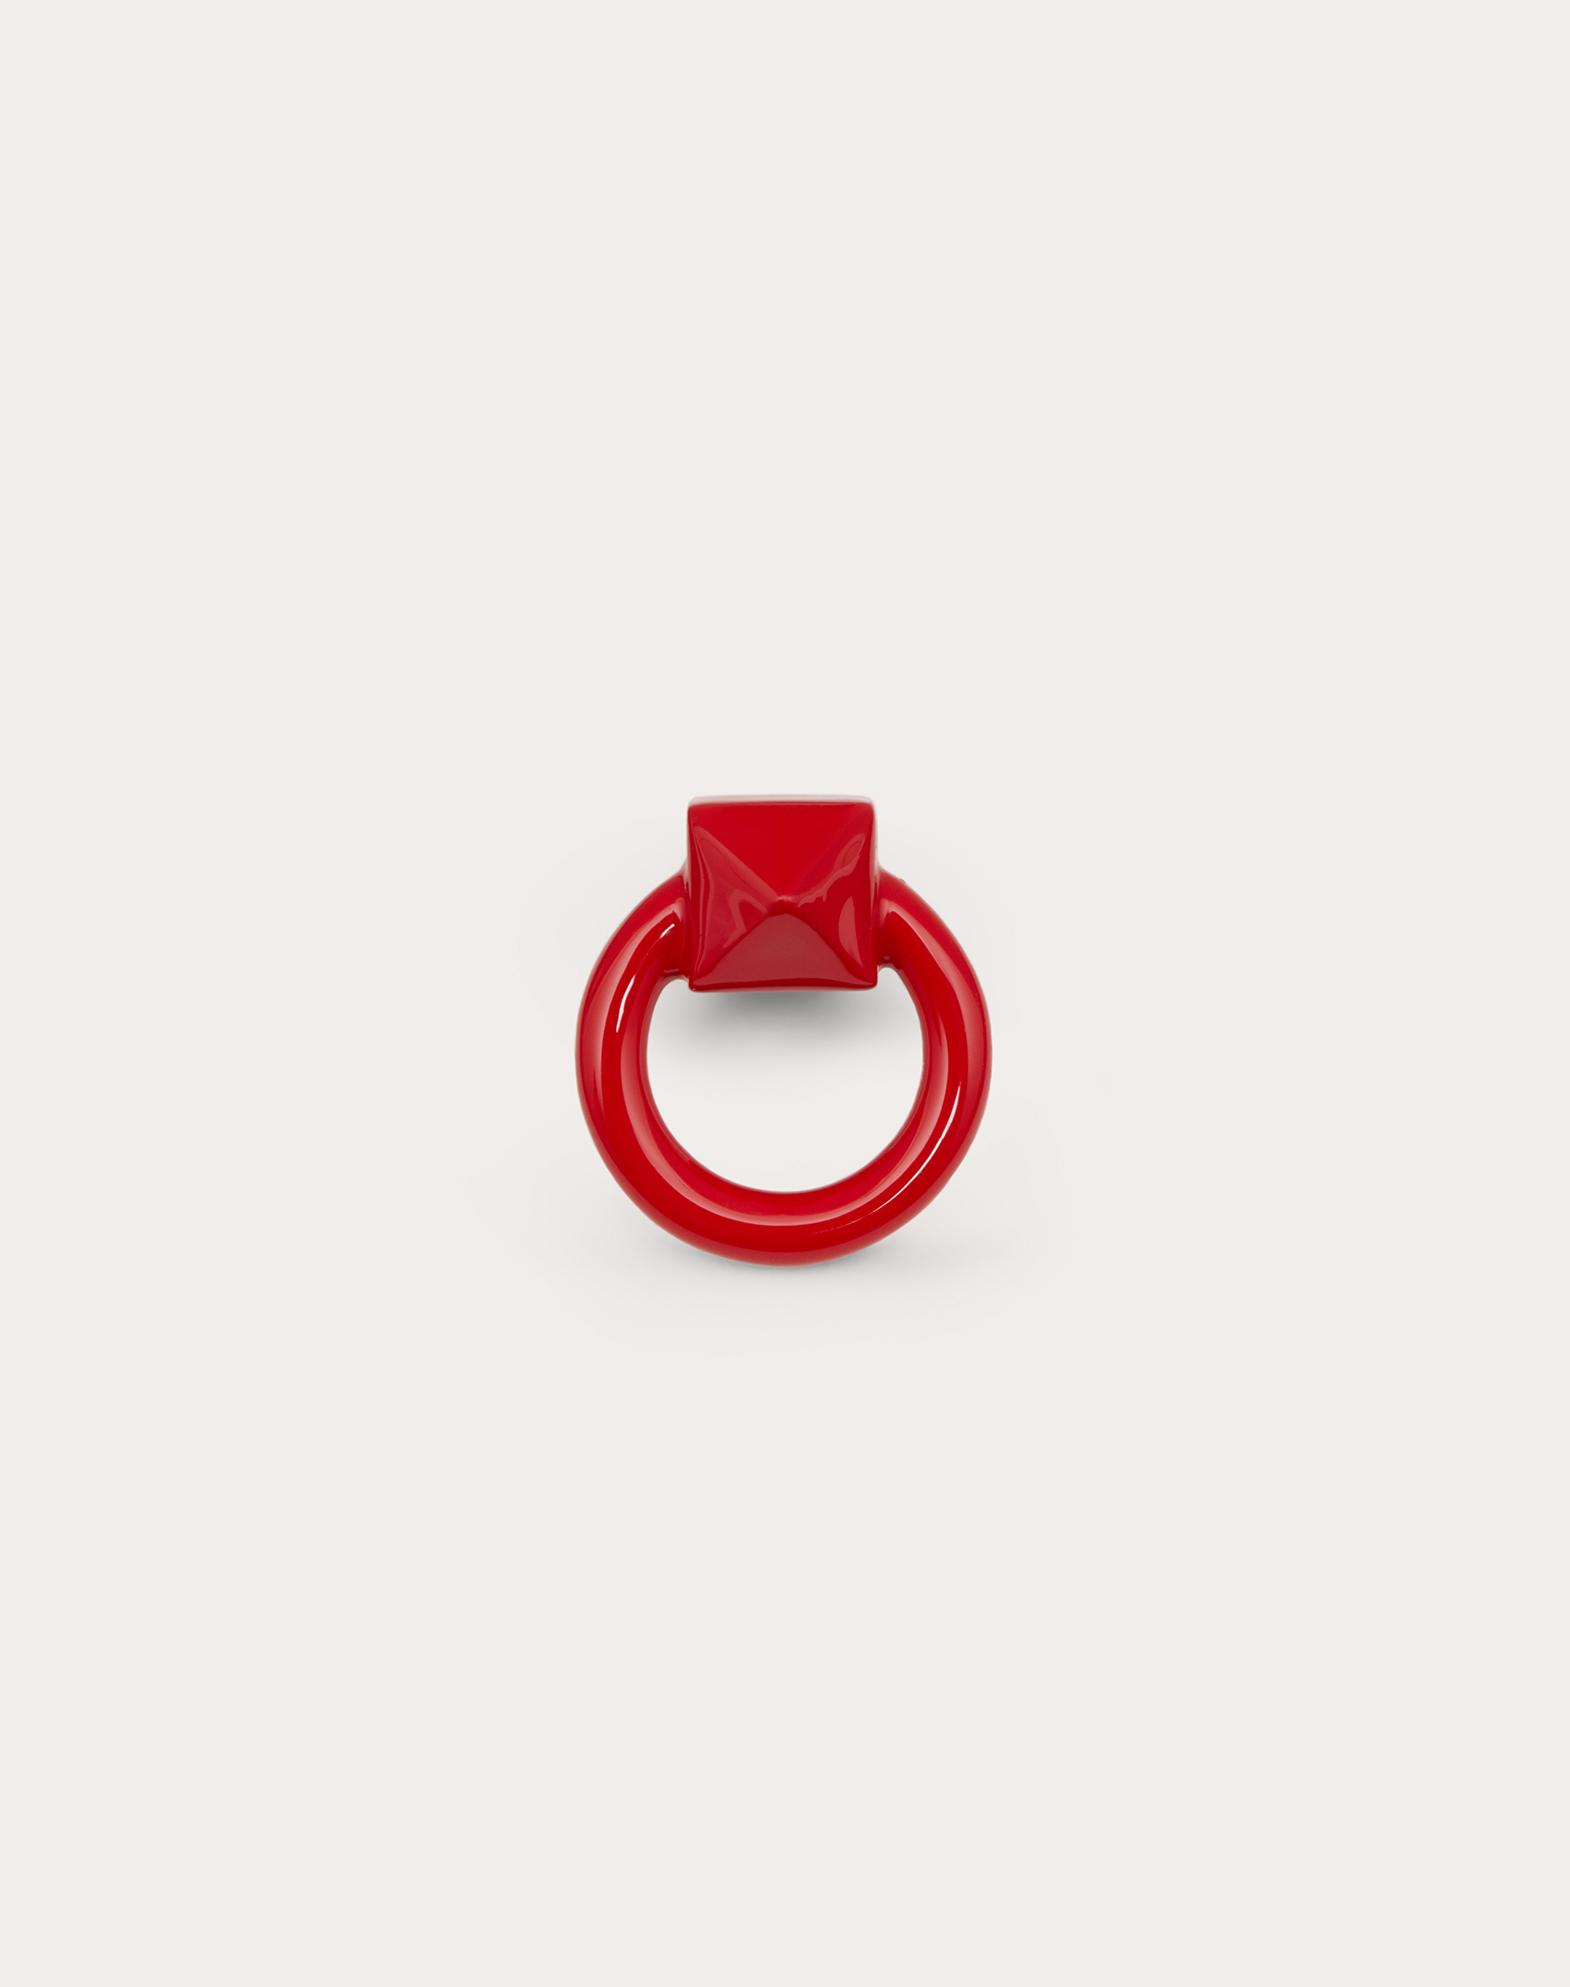 Ringstud Single Earring